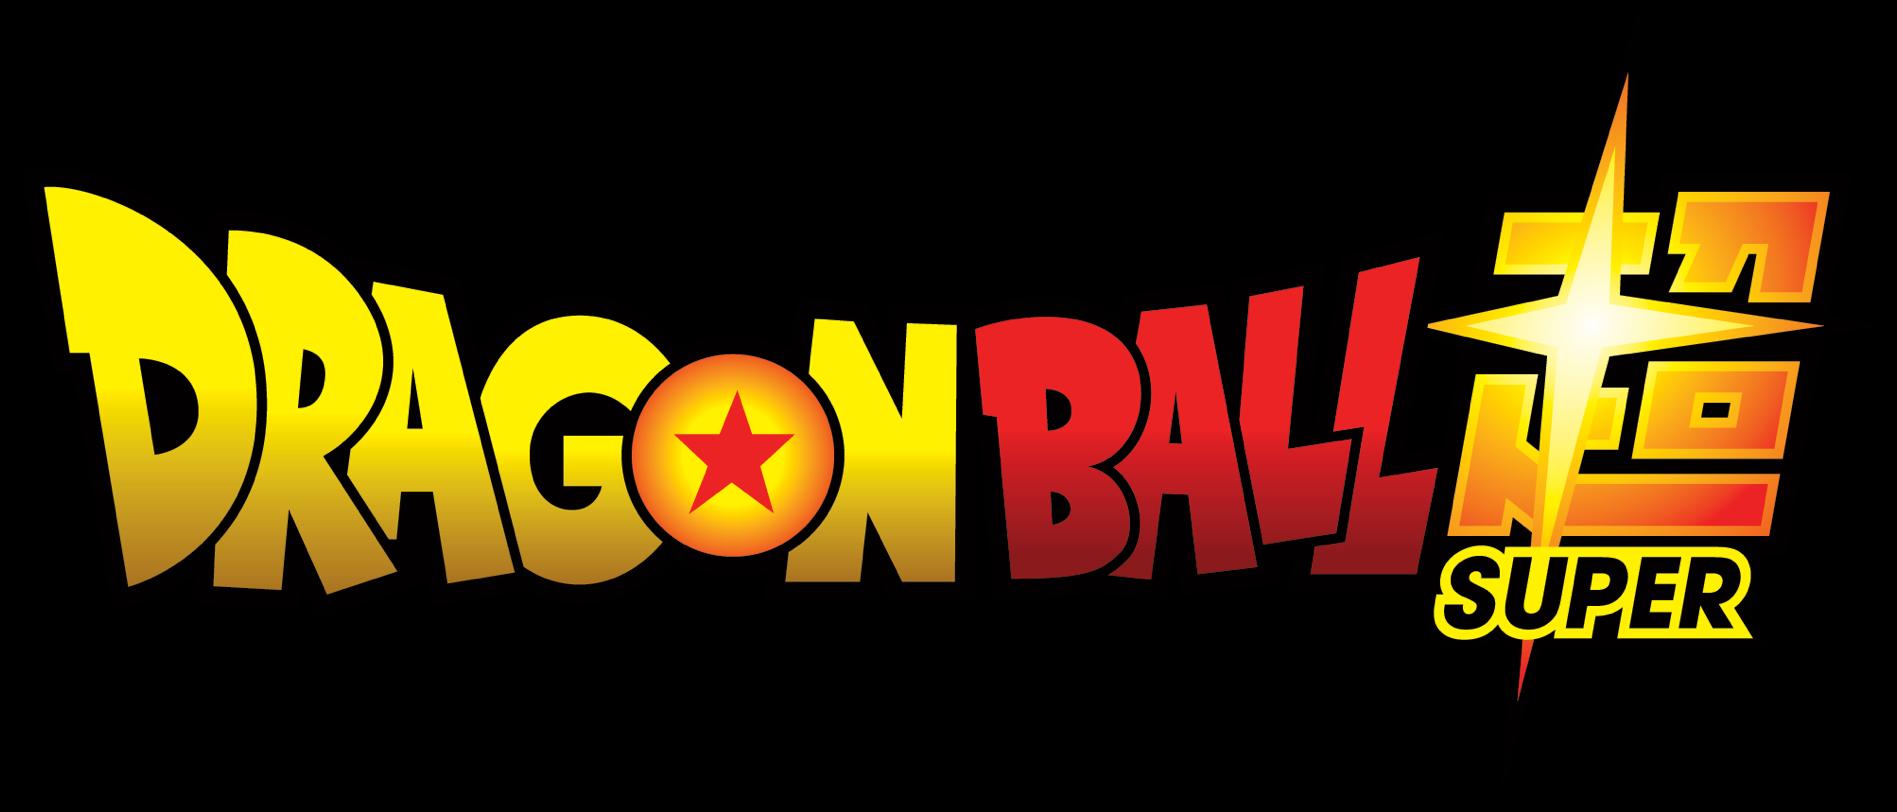 Dragon Ball Super Wikipedia